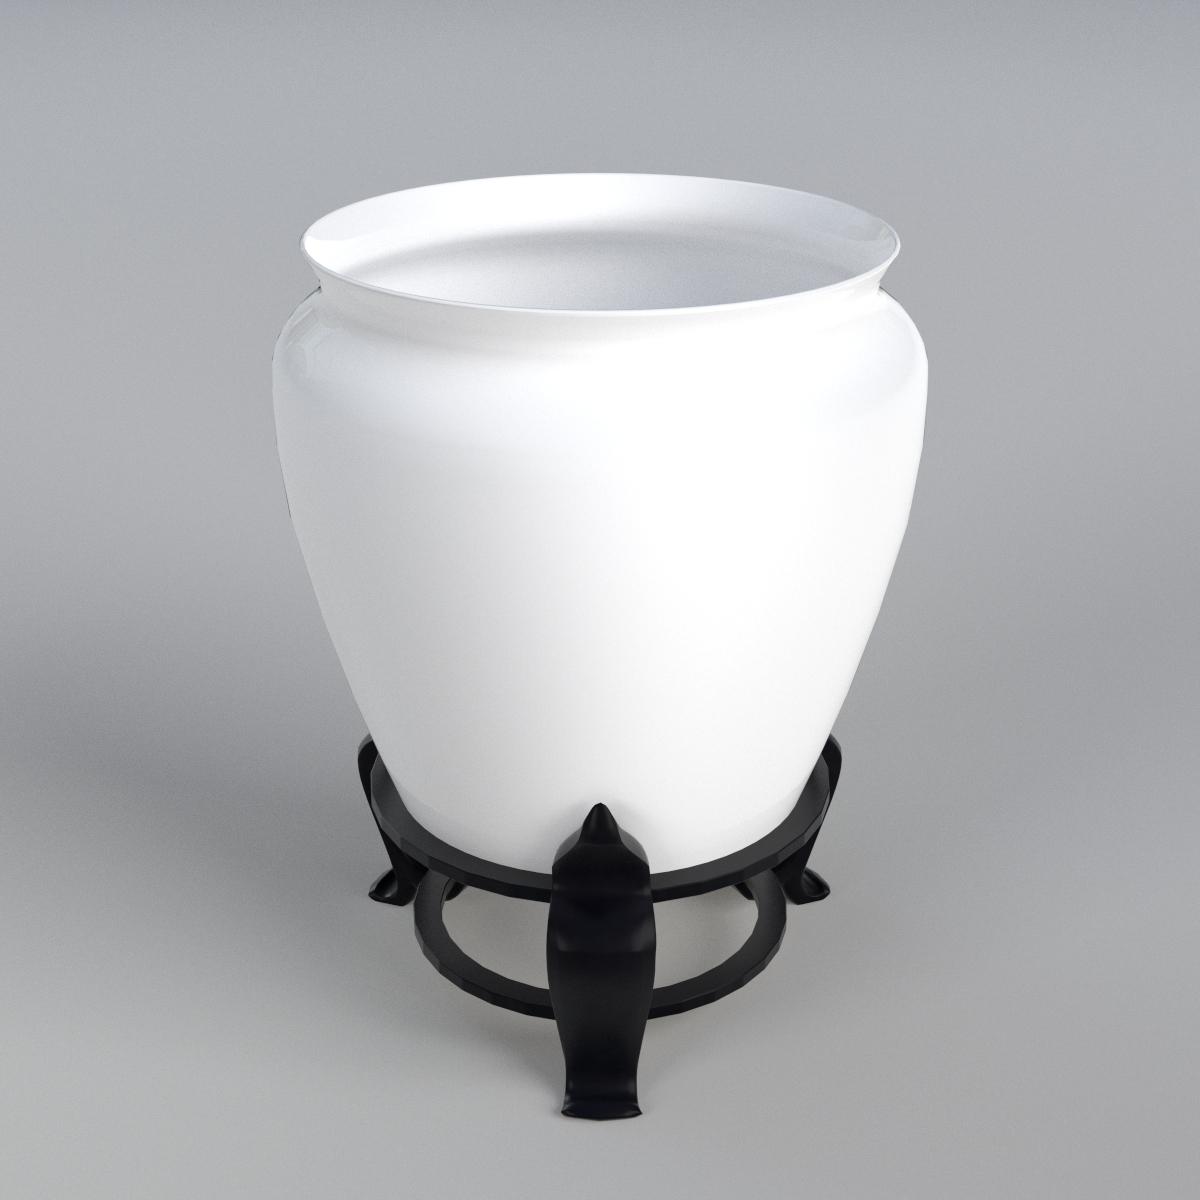 Vase on a holder